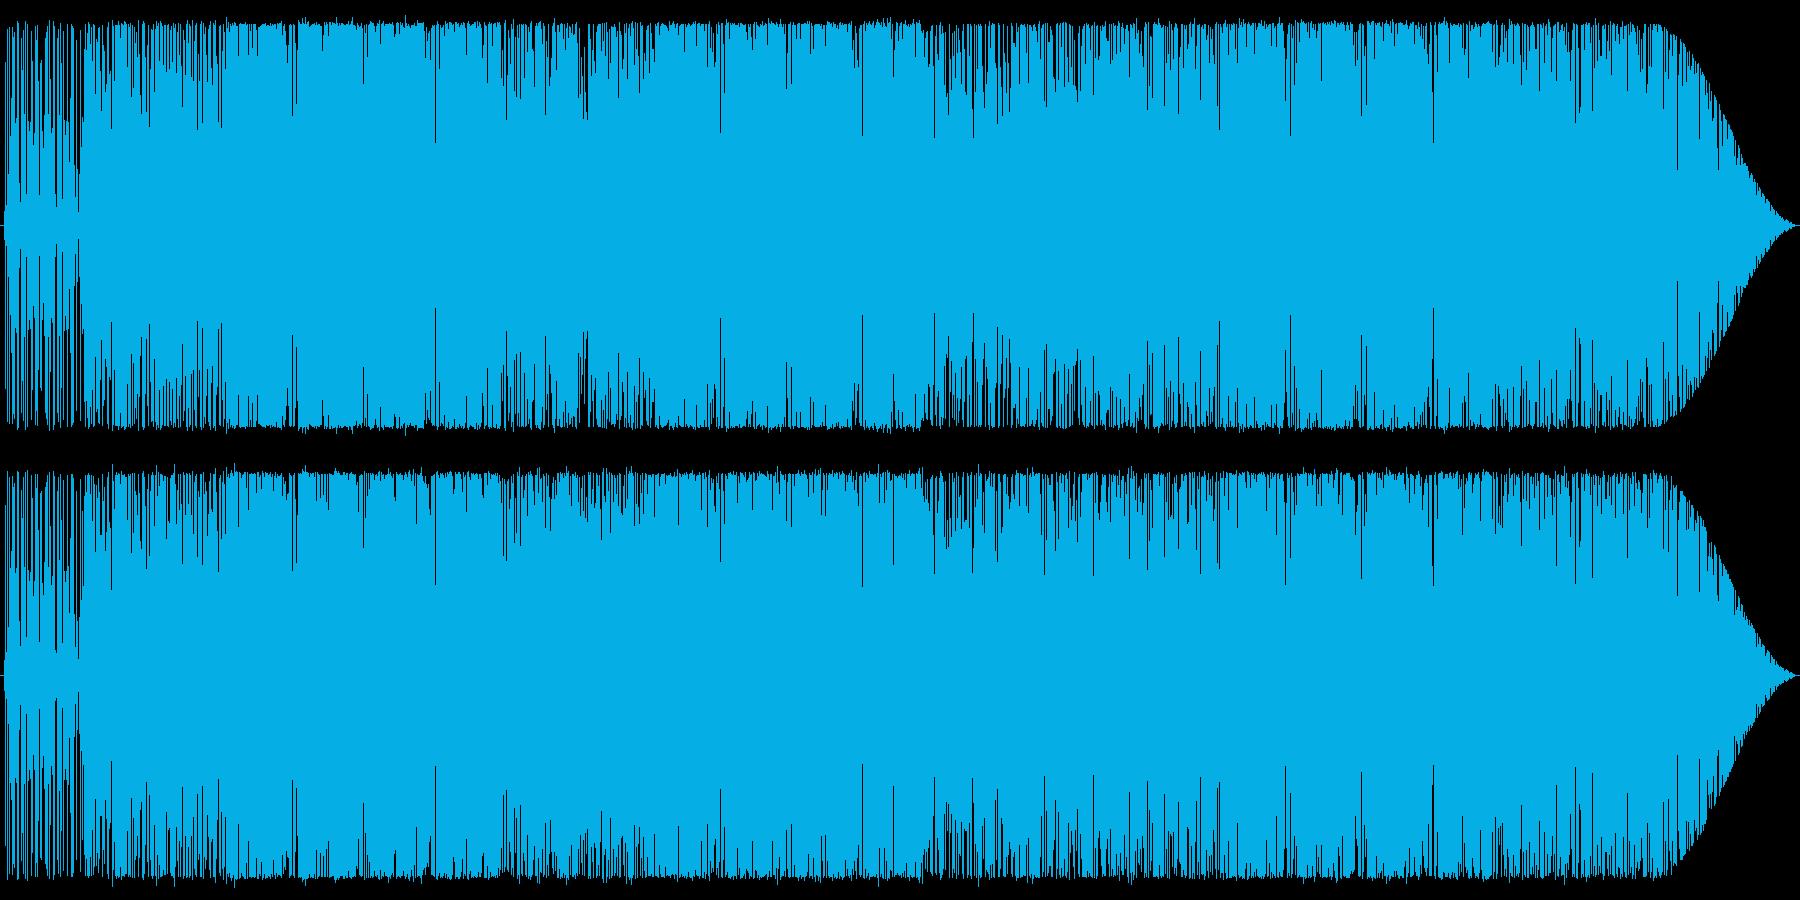 スラップベースを印象的に!の再生済みの波形